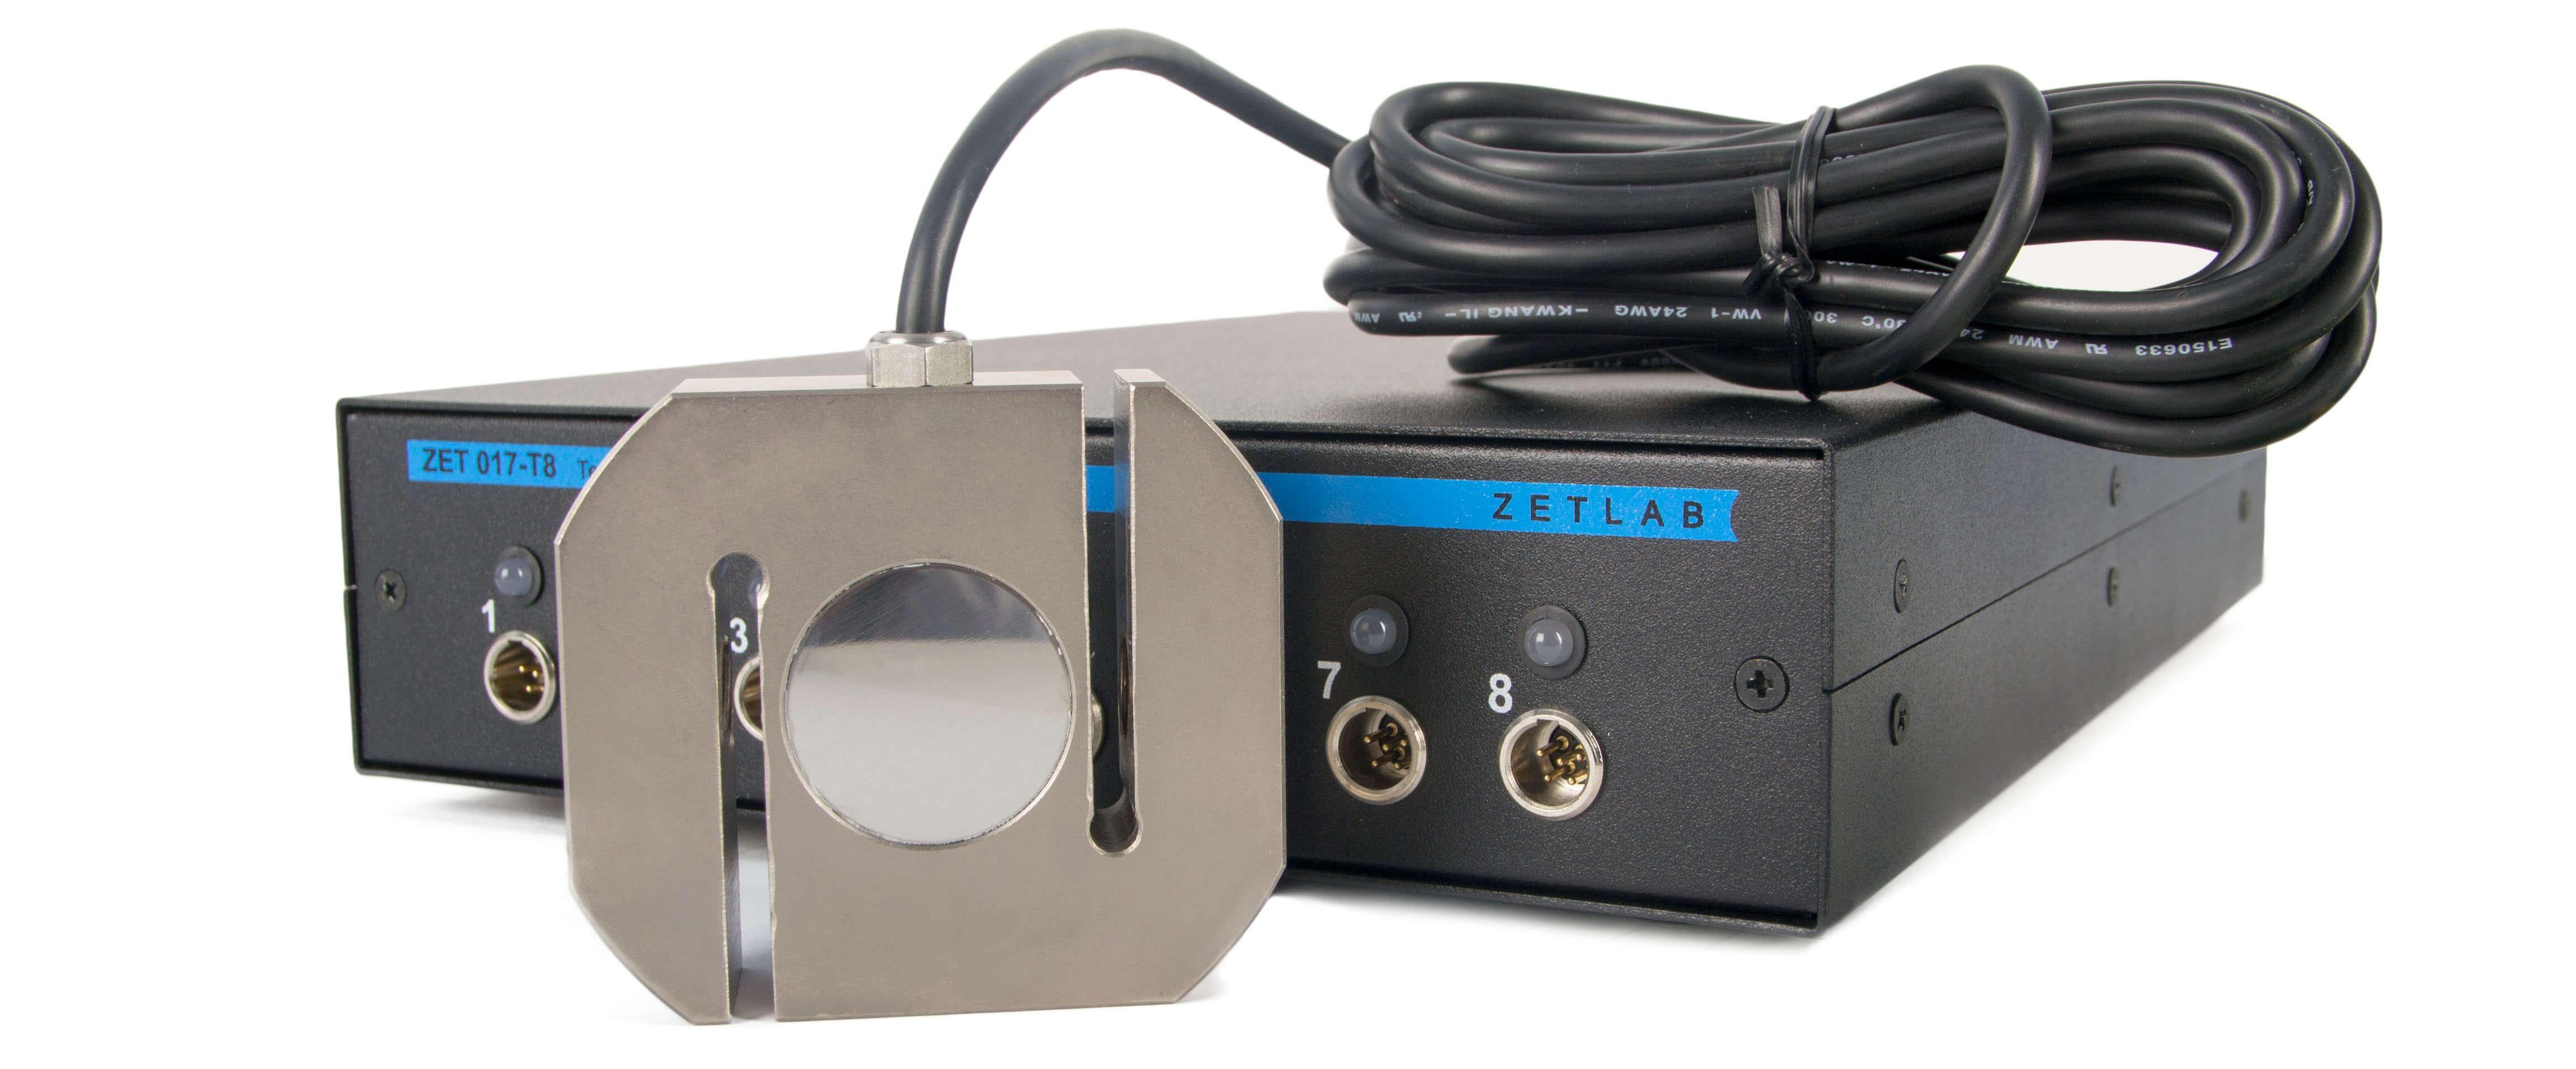 Тензометрическая станция ZET 017-T8 в комплекте с датчиком сжатия и растяжения